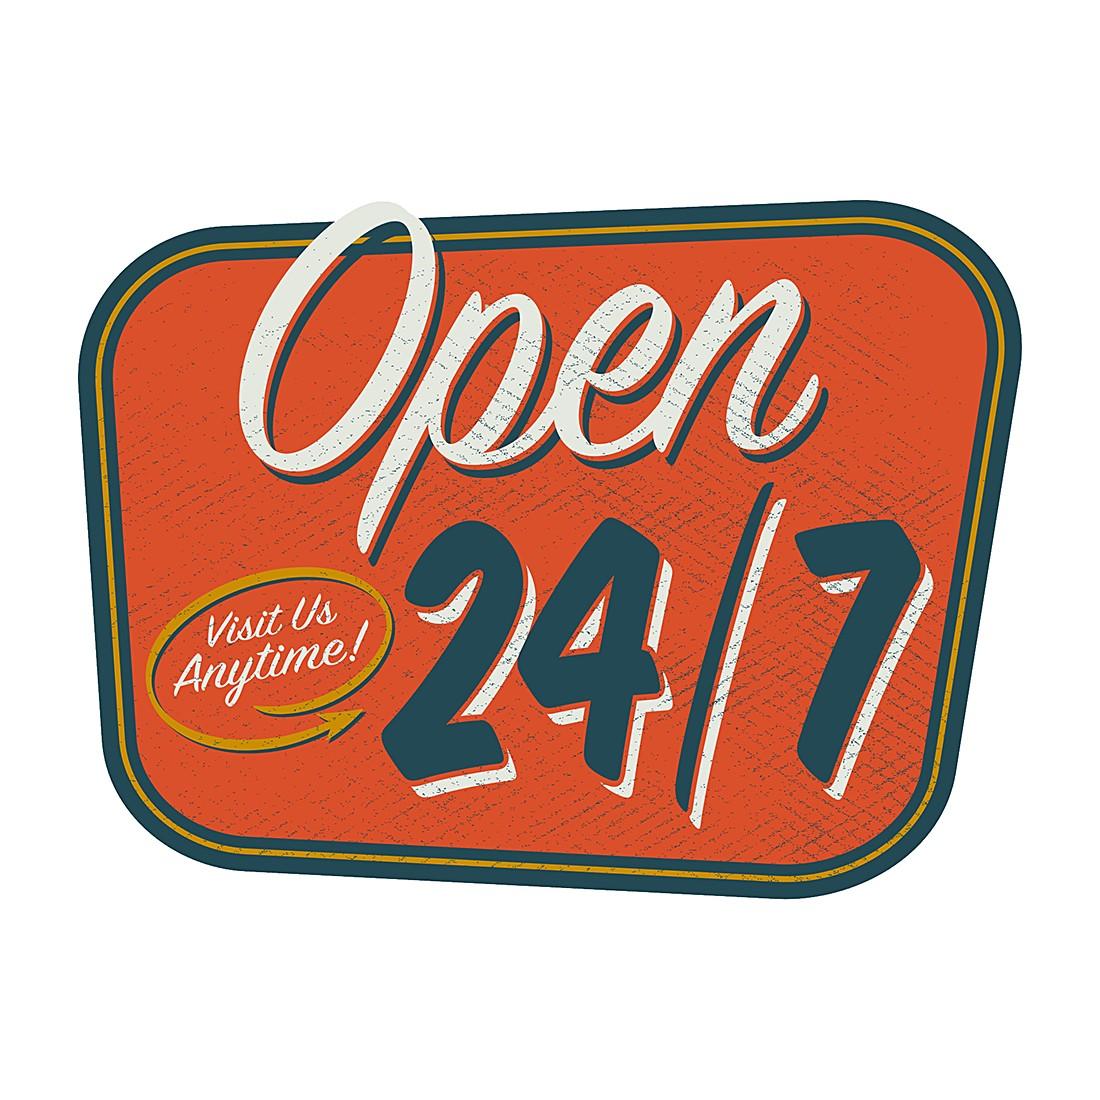 Home 24 - Décoration murale open 24 / 7, pro art